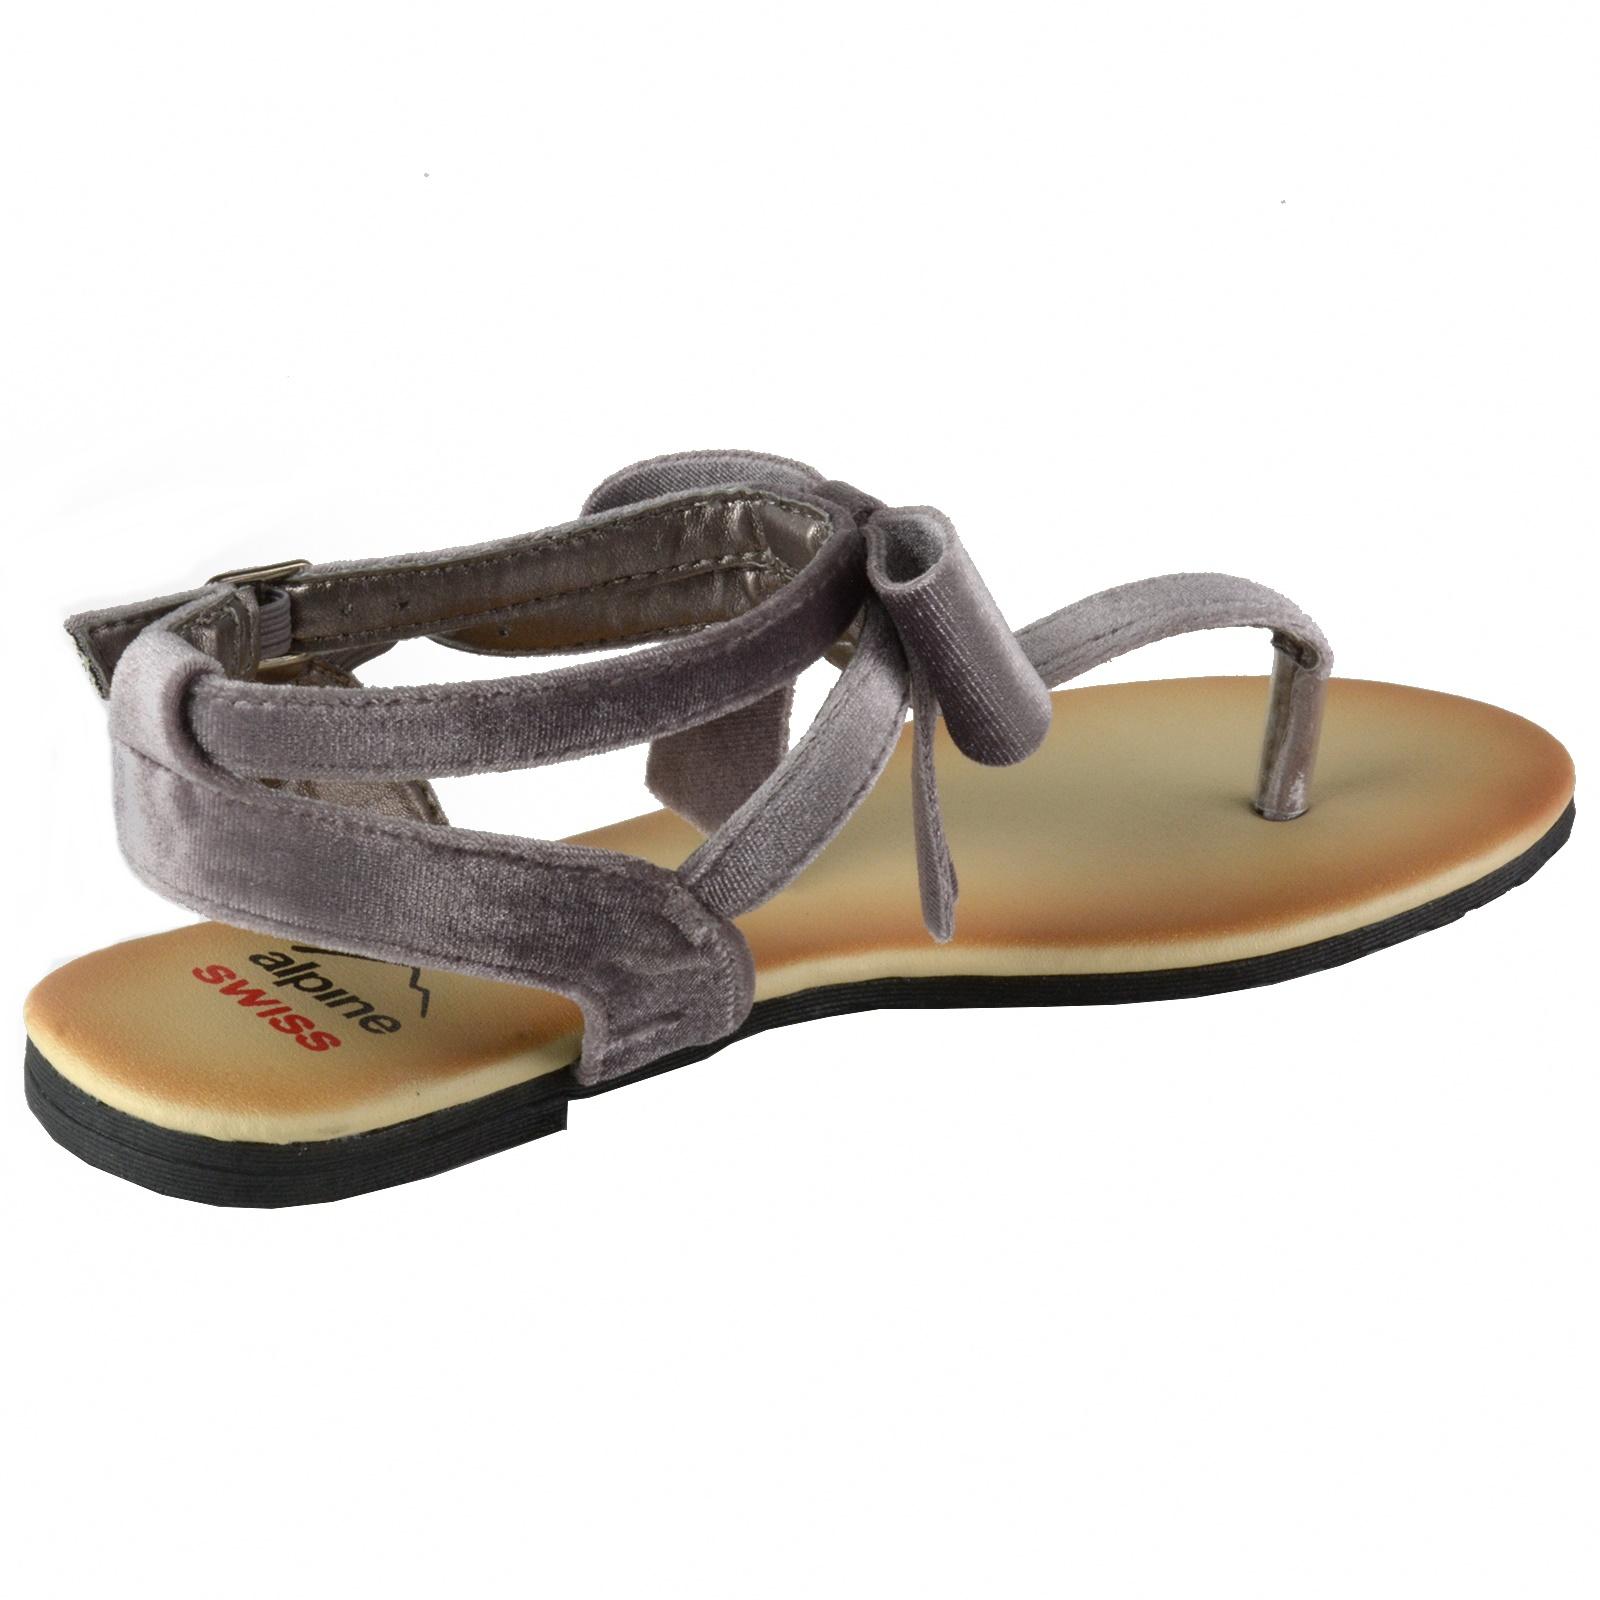 7f574cb83 Alpine Swiss Womens Velvet Bow Sandals T-Strap Thong Gladiator ...